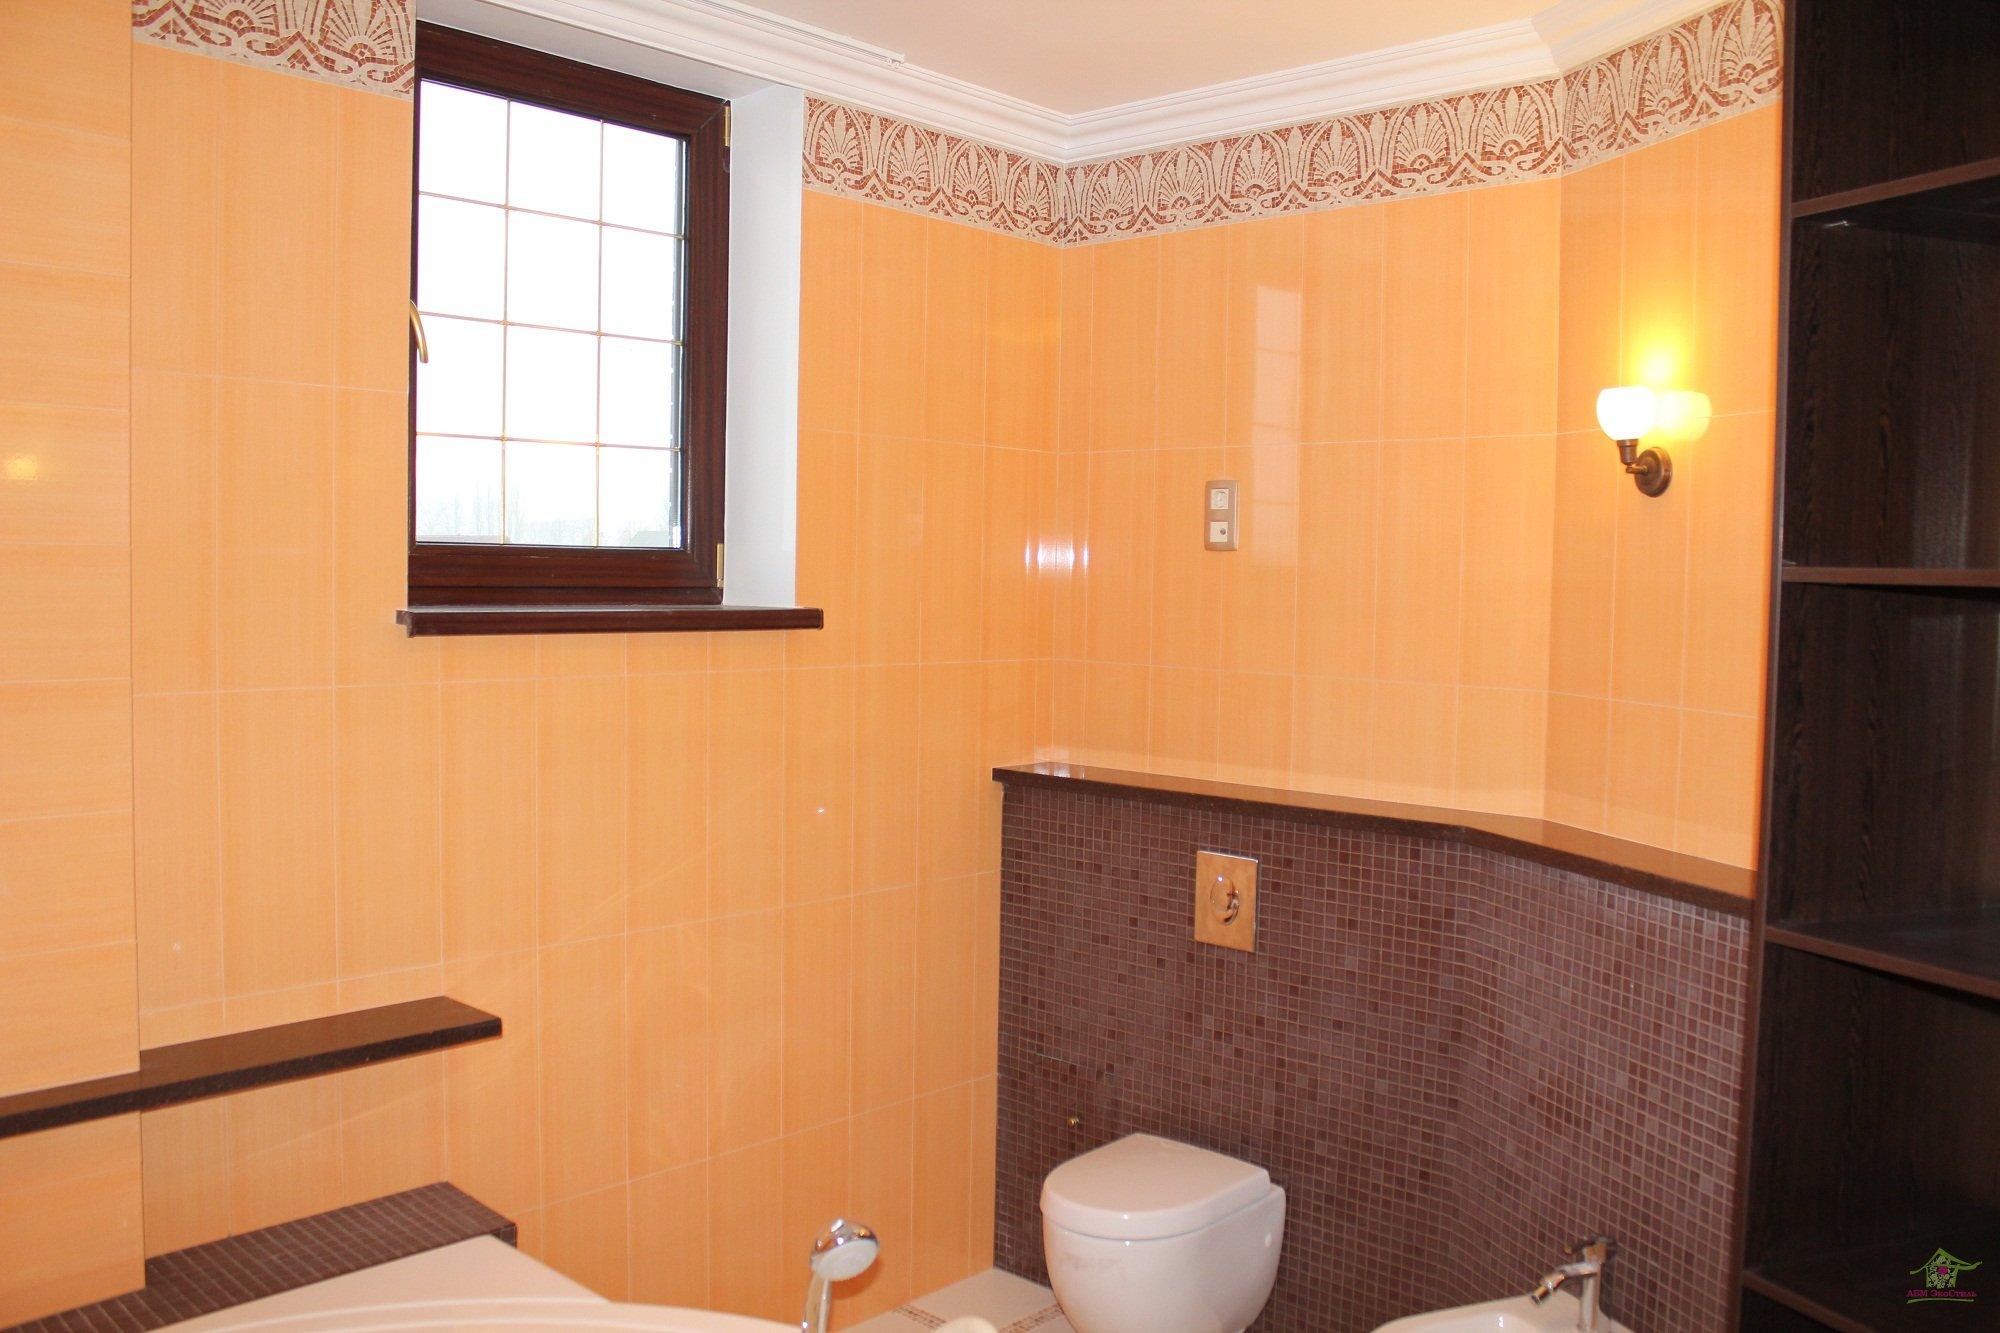 Kako okrasite stene v kopalnici v leseni hiši